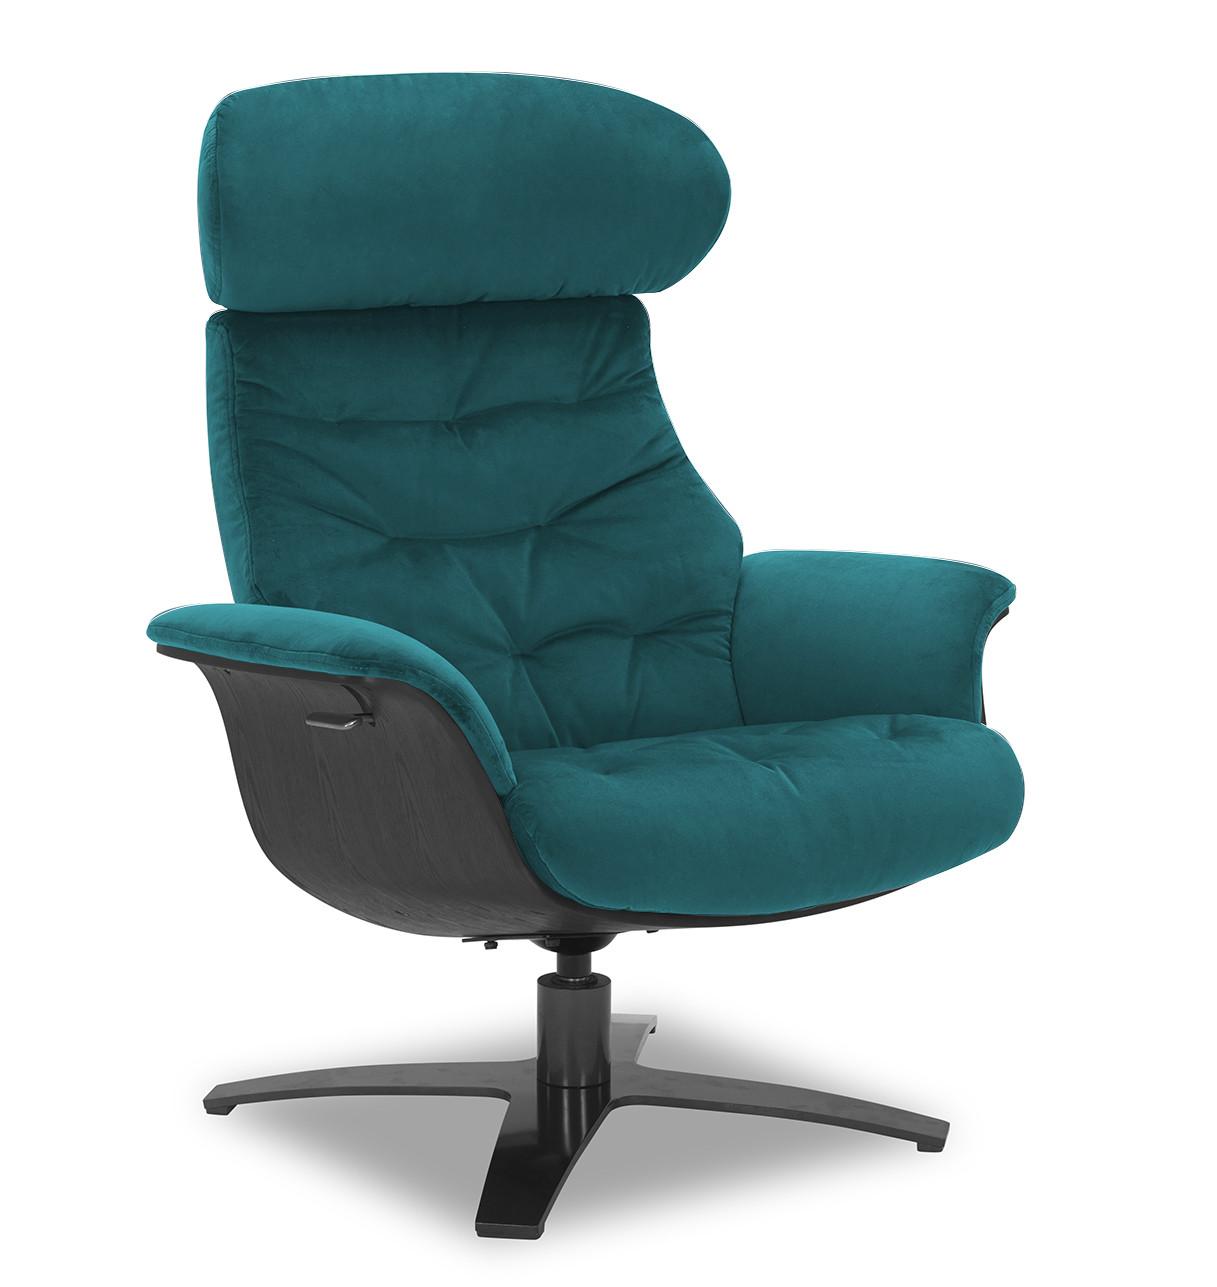 Fauteuil relax velours bleu-vert et chêne noir